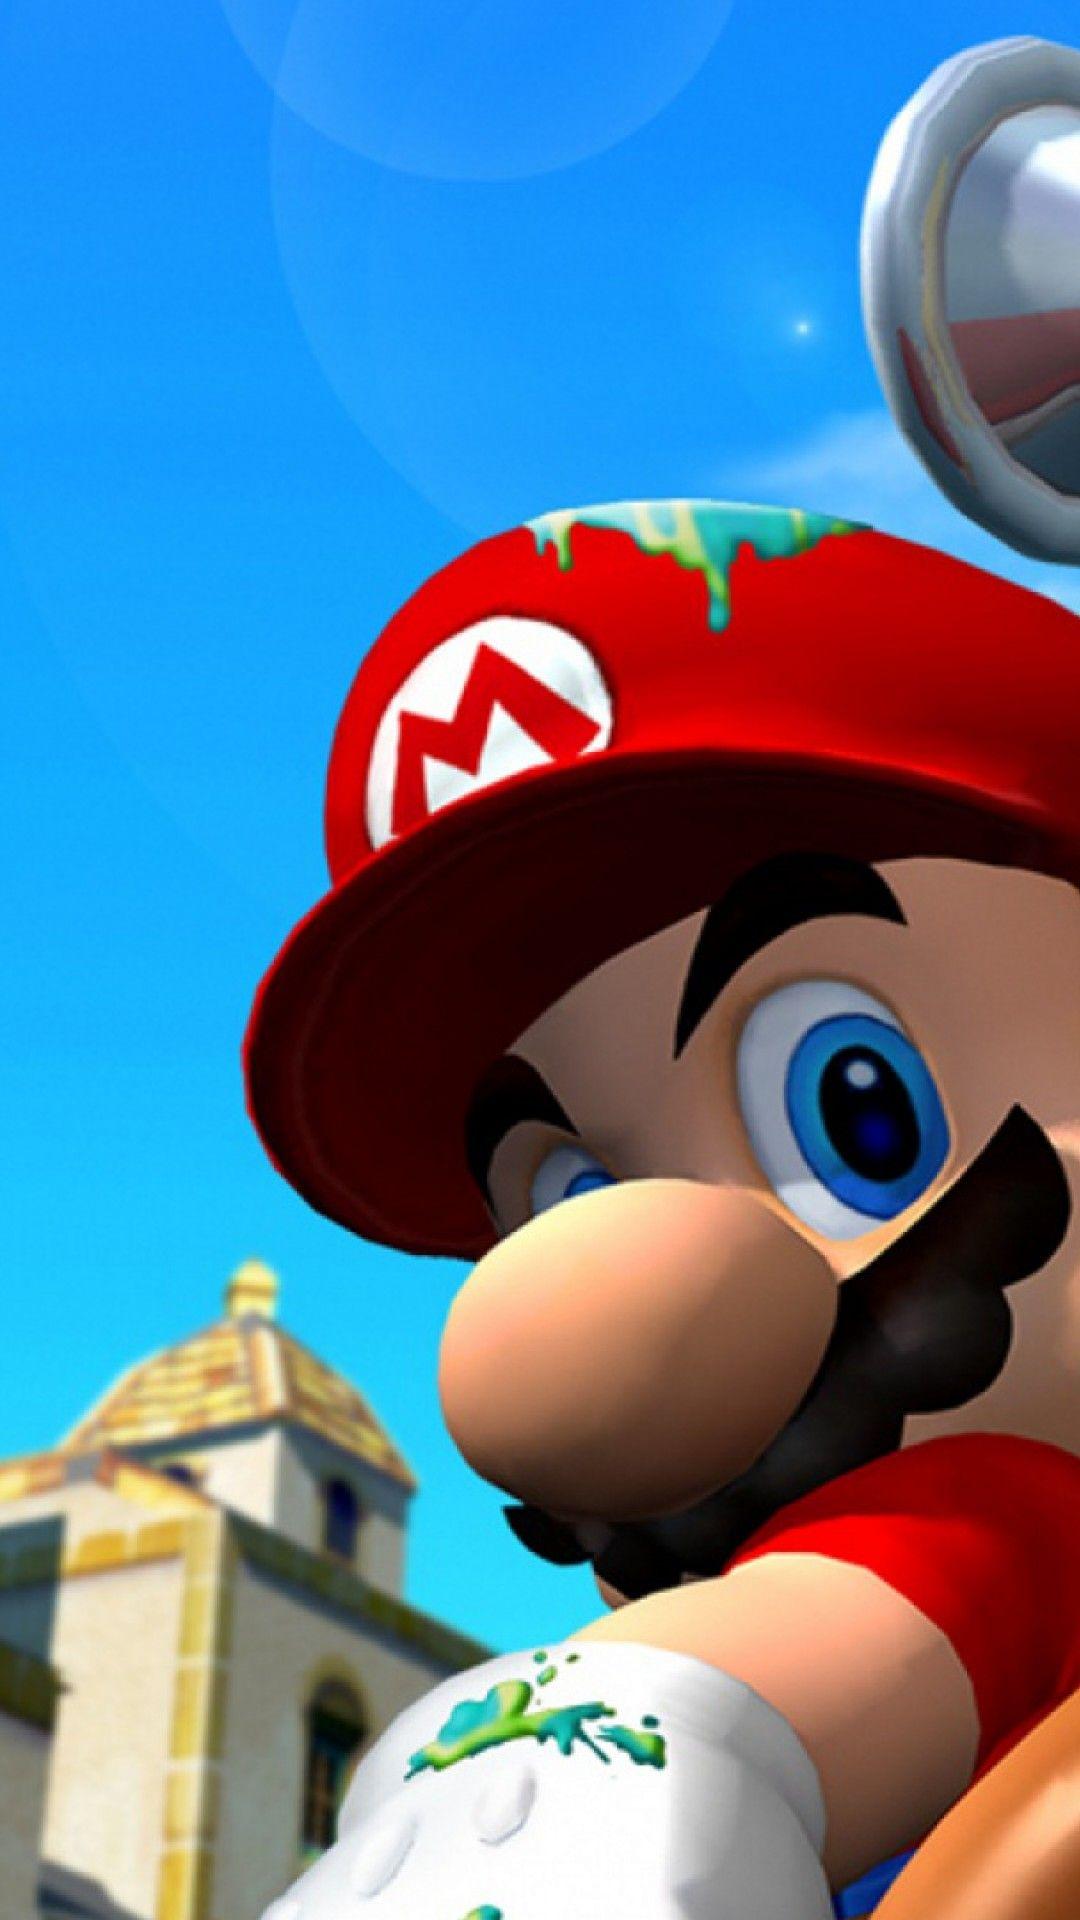 super mario iphone wallpaper Super Mario Iphone